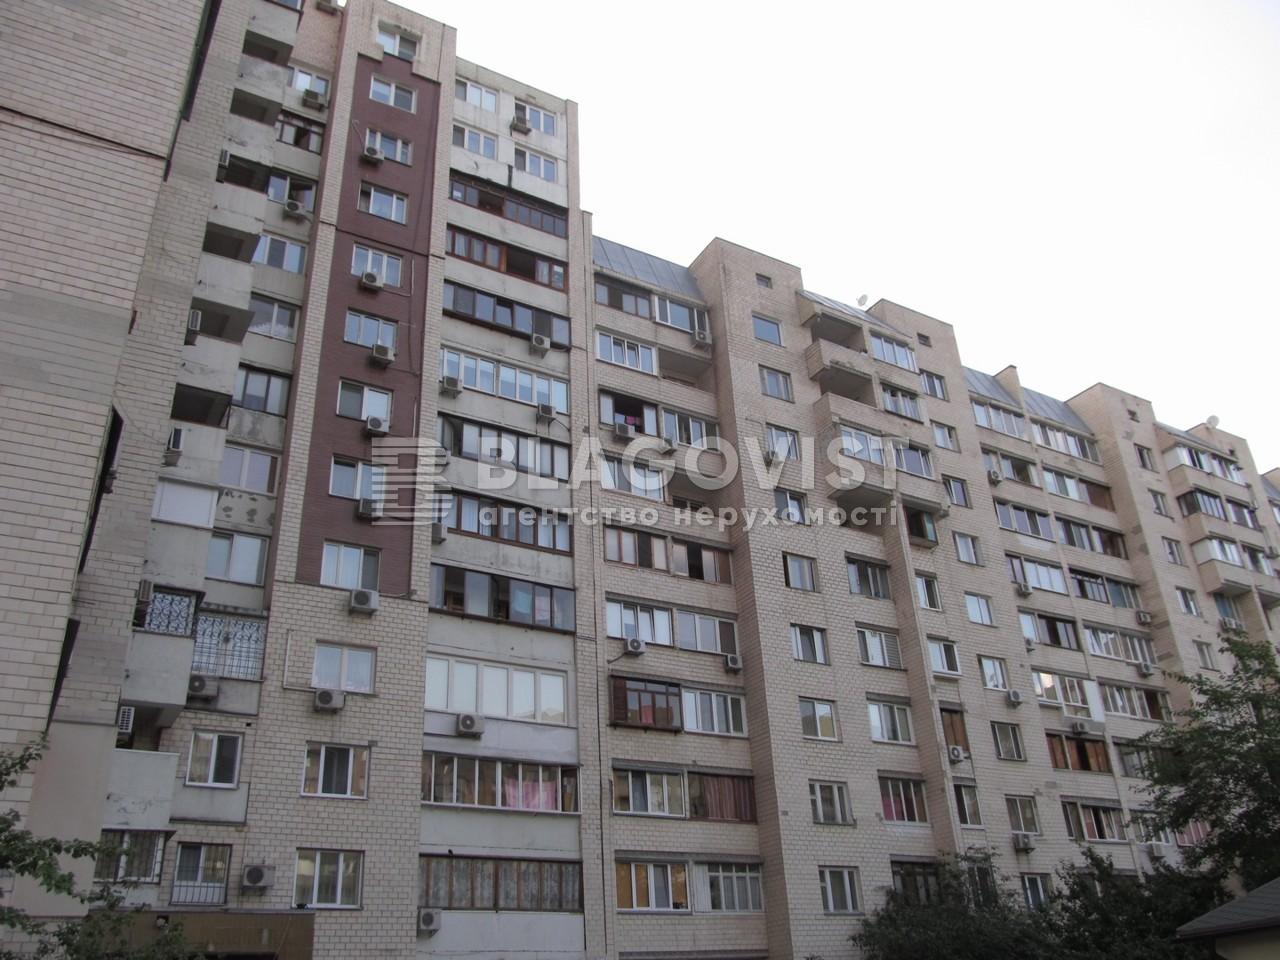 Квартира A-75881, Героев Сталинграда просп., 14, Киев - Фото 1